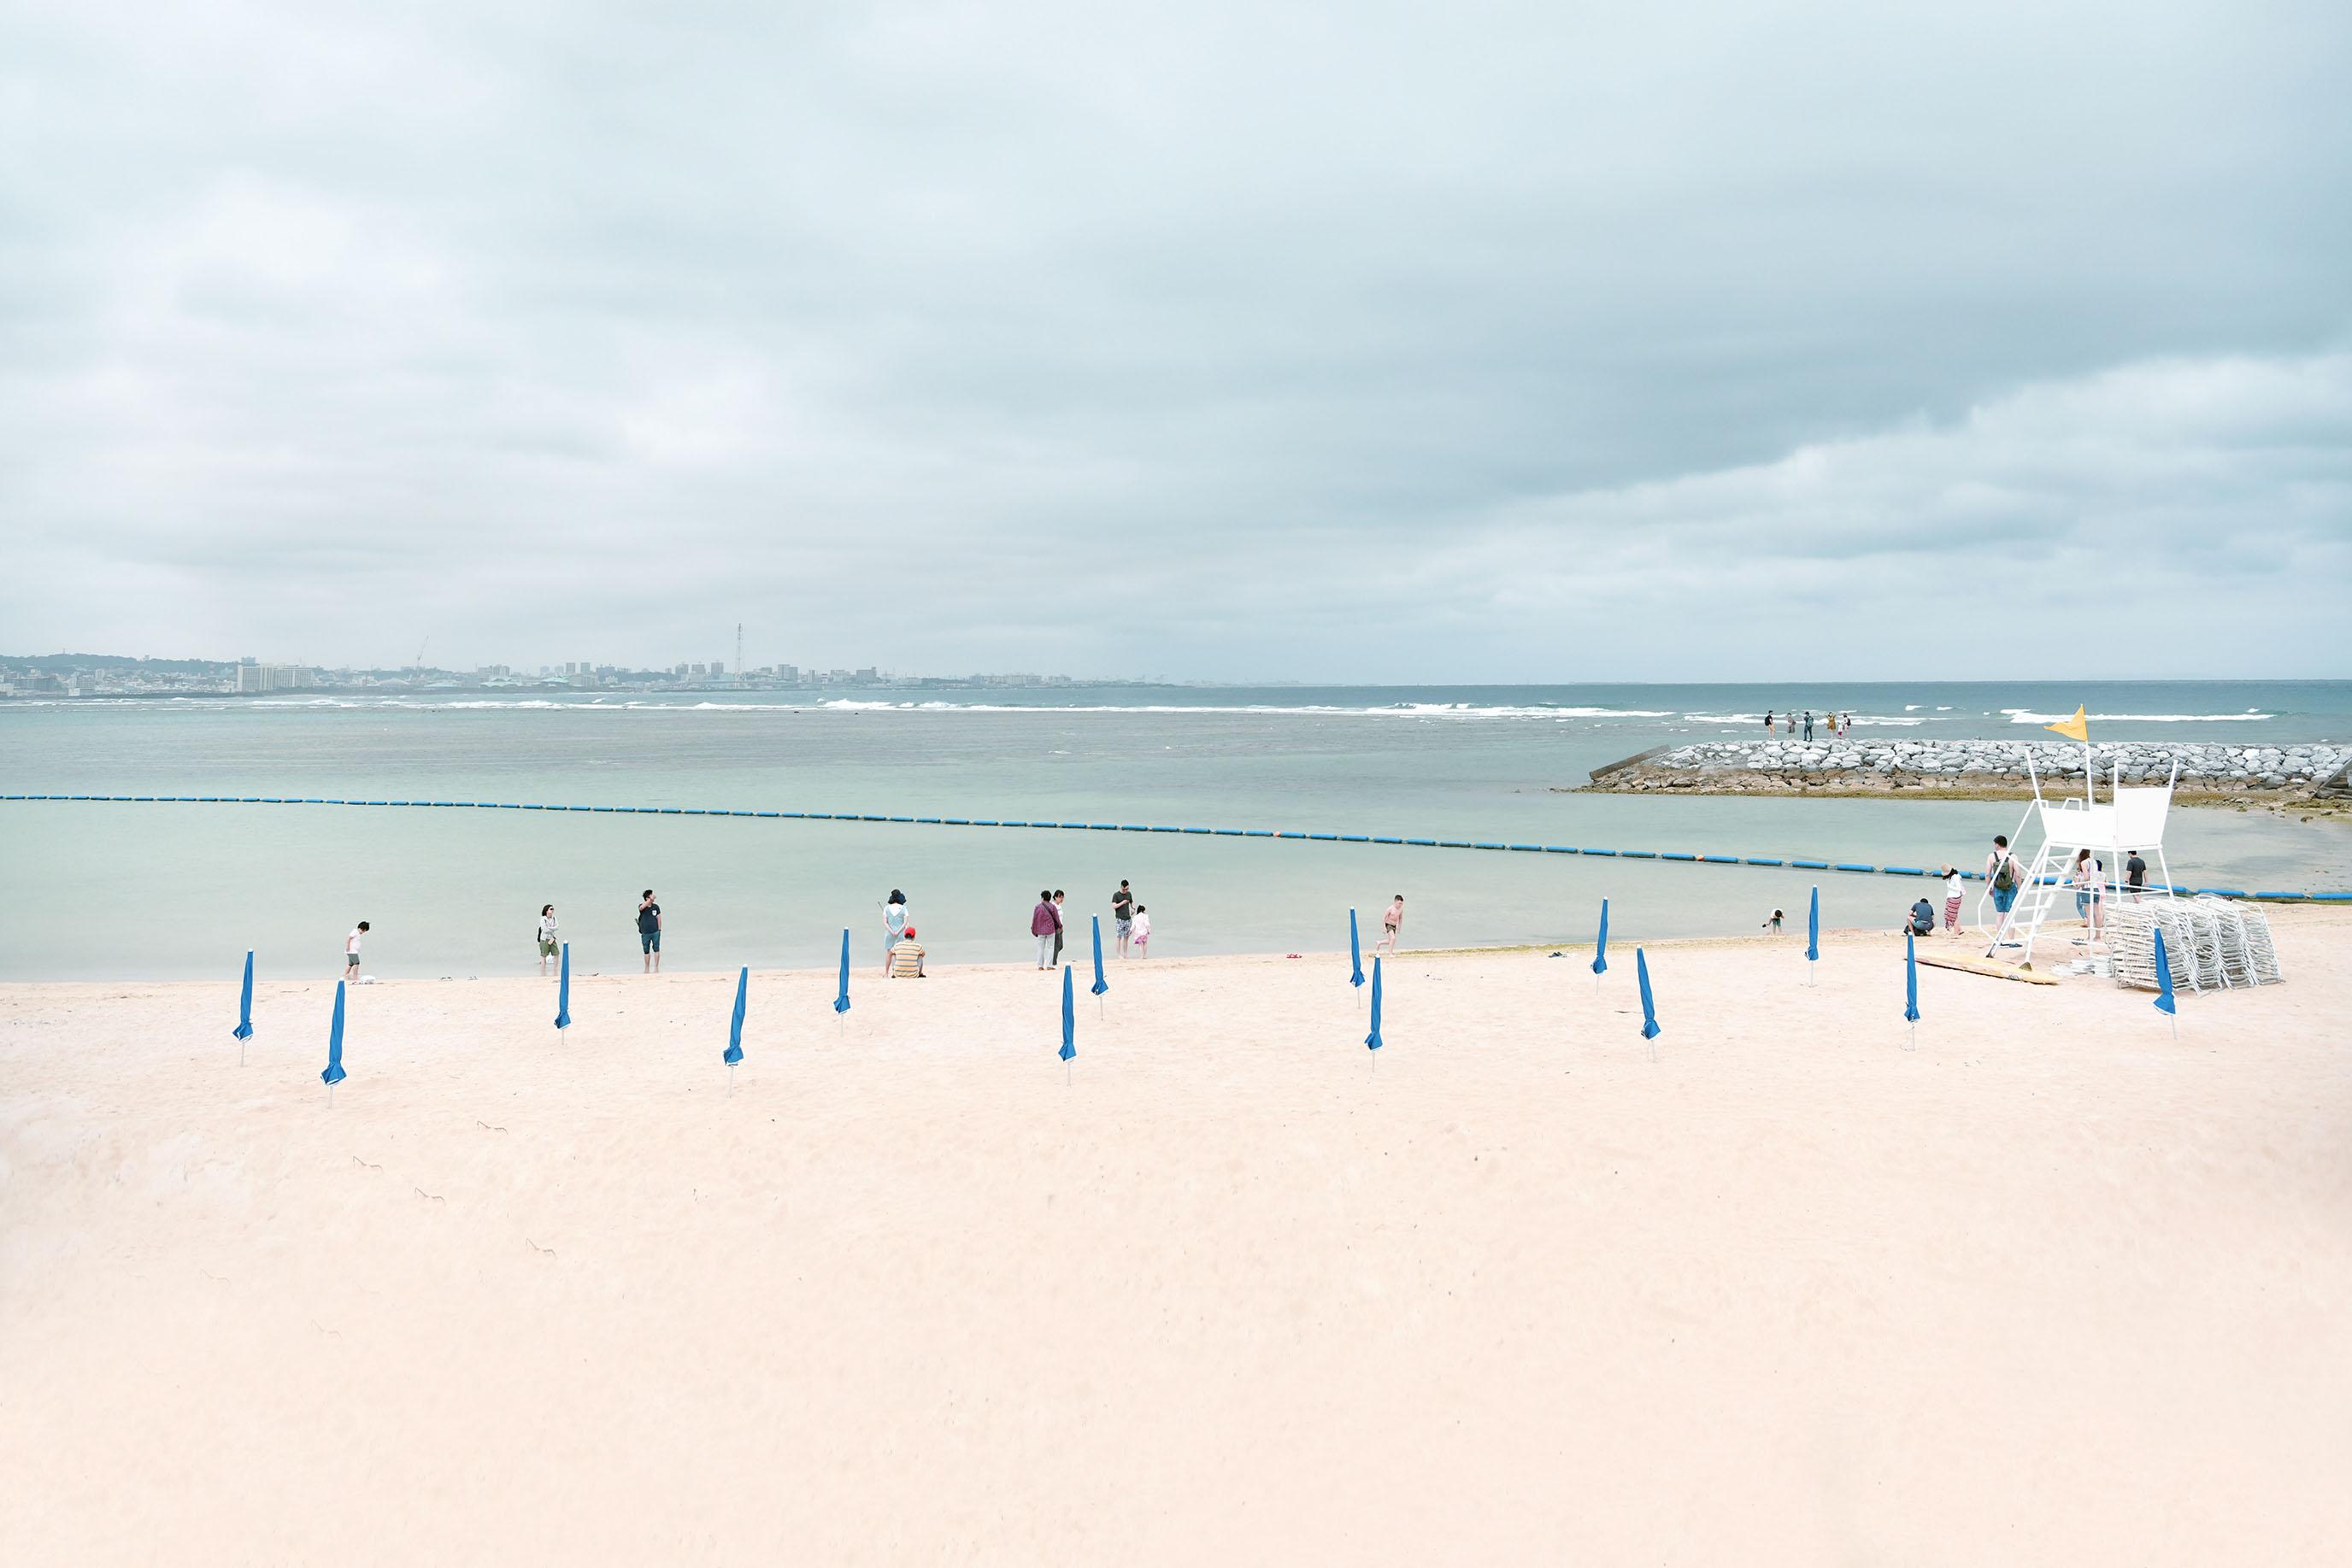 一種療癒,是沖繩的海與不期而遇|Ifly 愛飛網